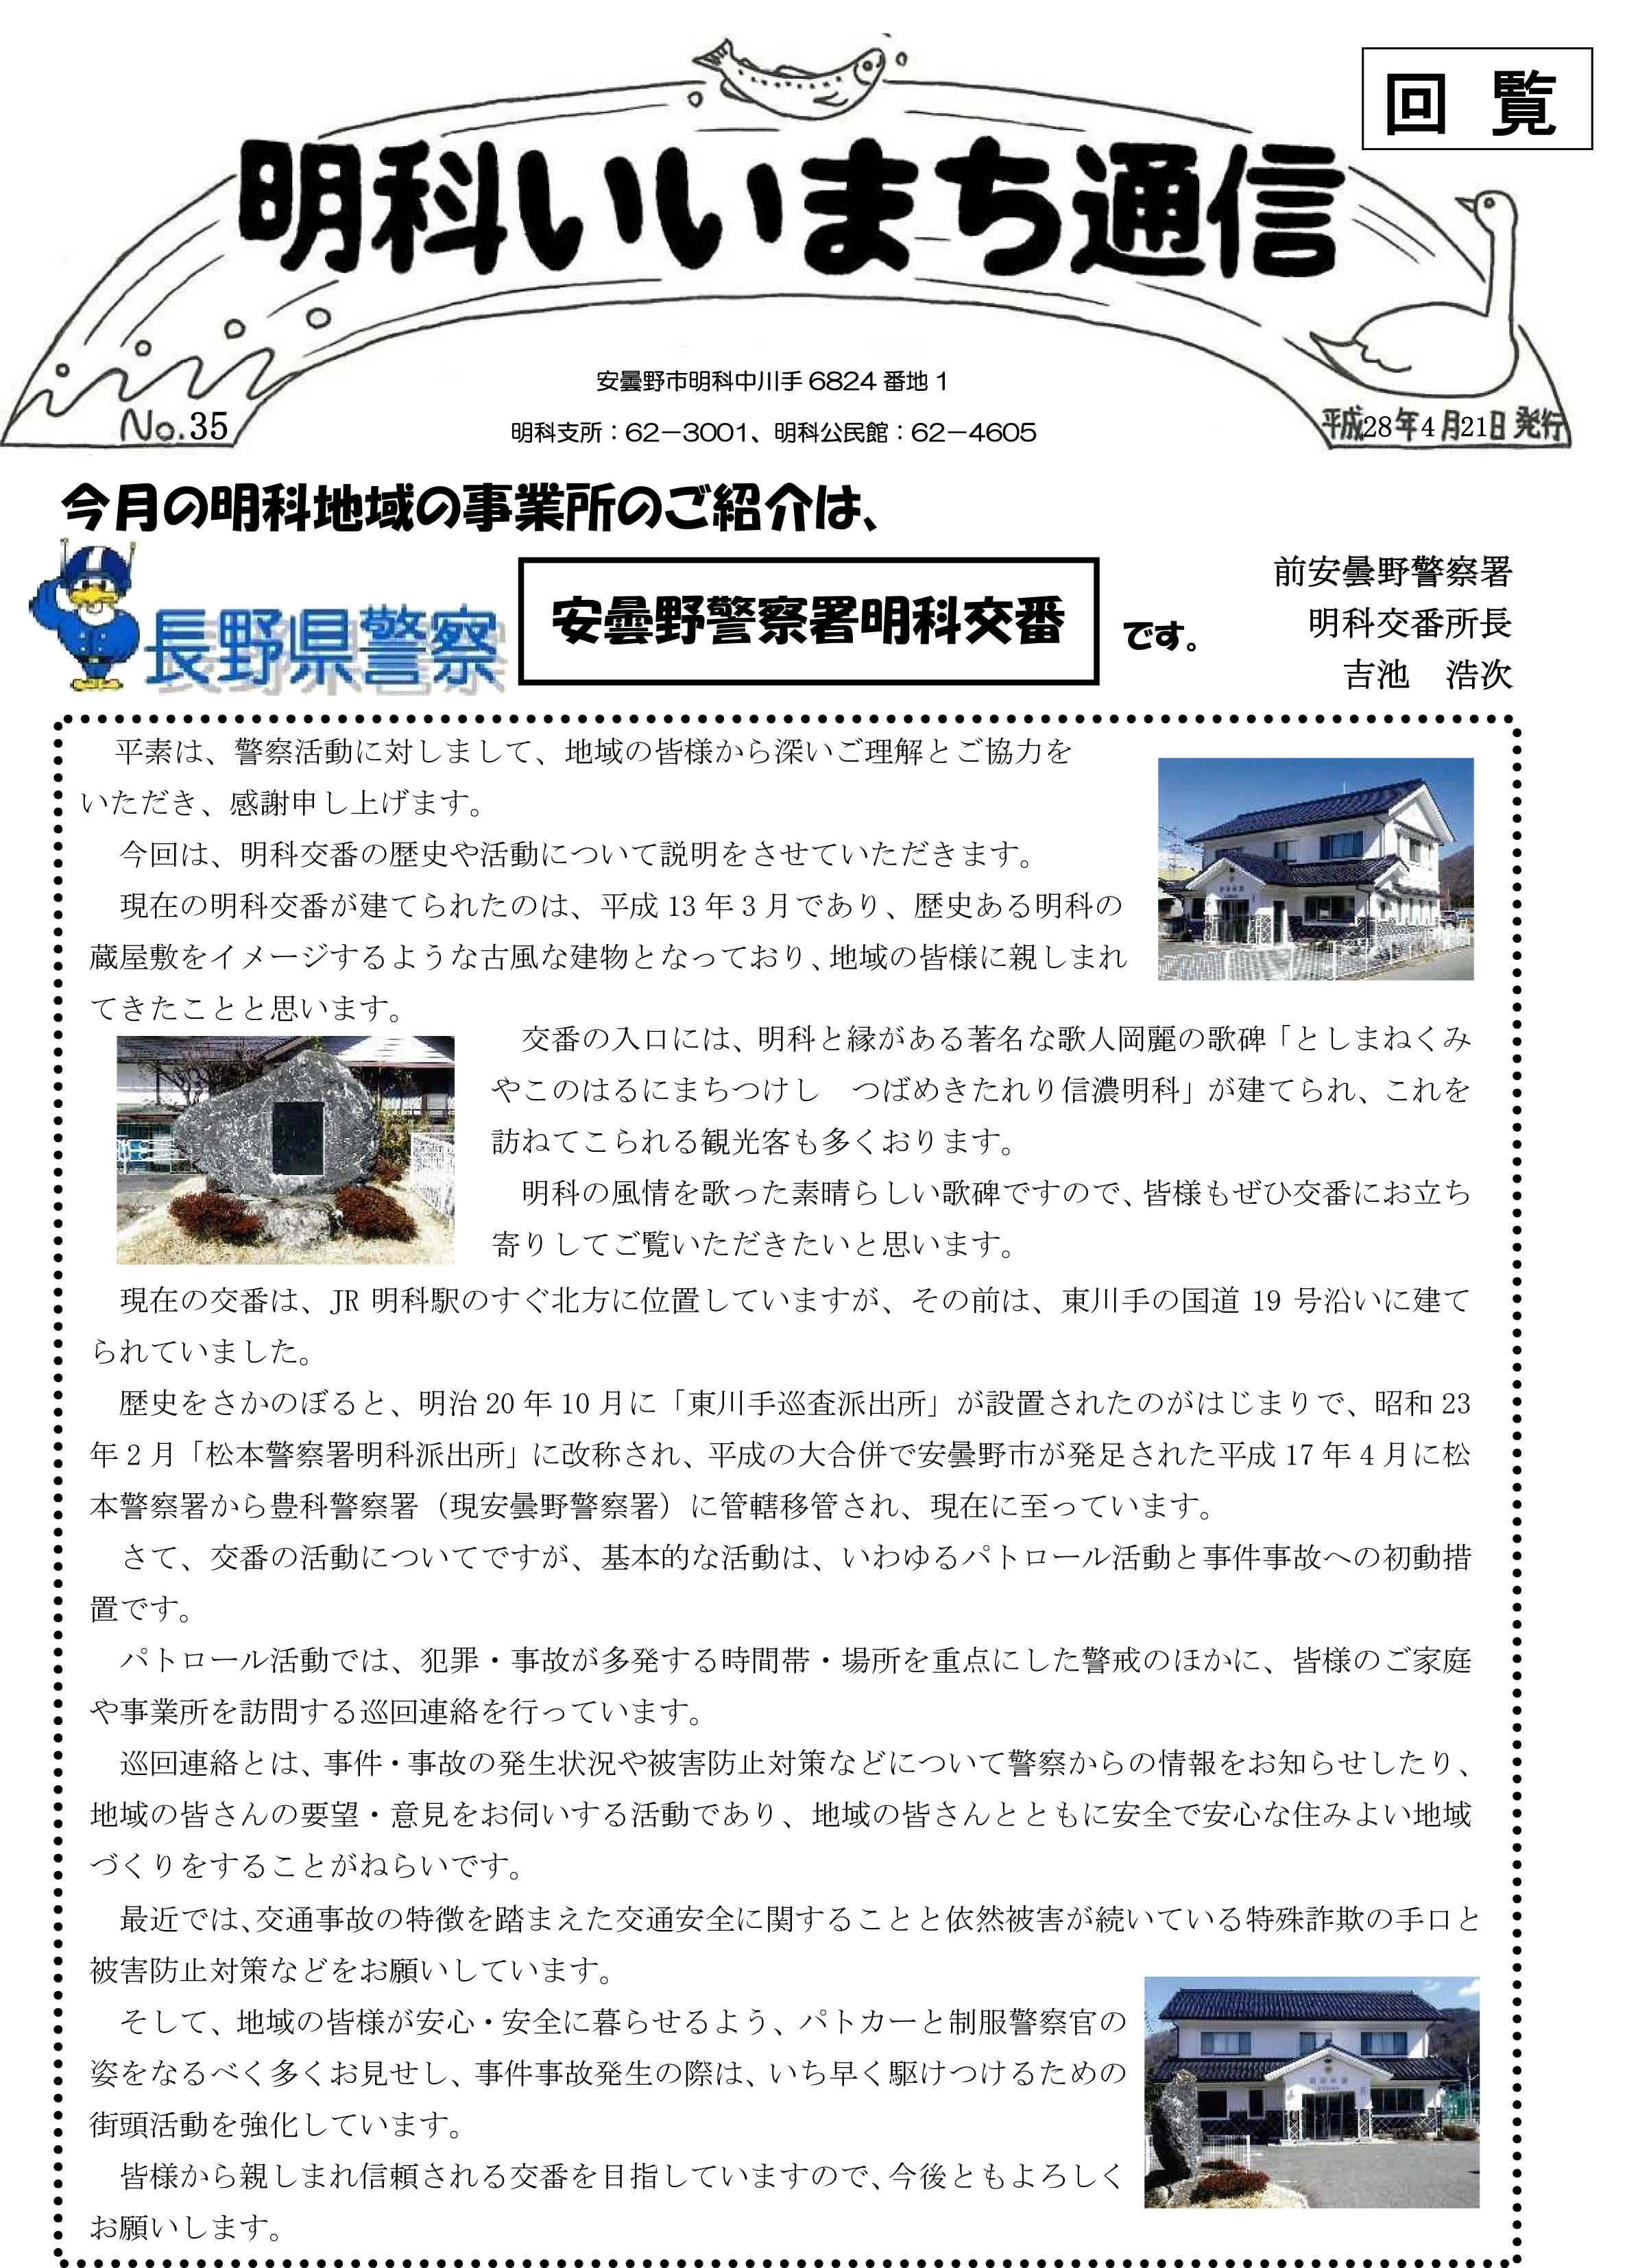 明科支所・明科公民館だより(28年4月発行)-1